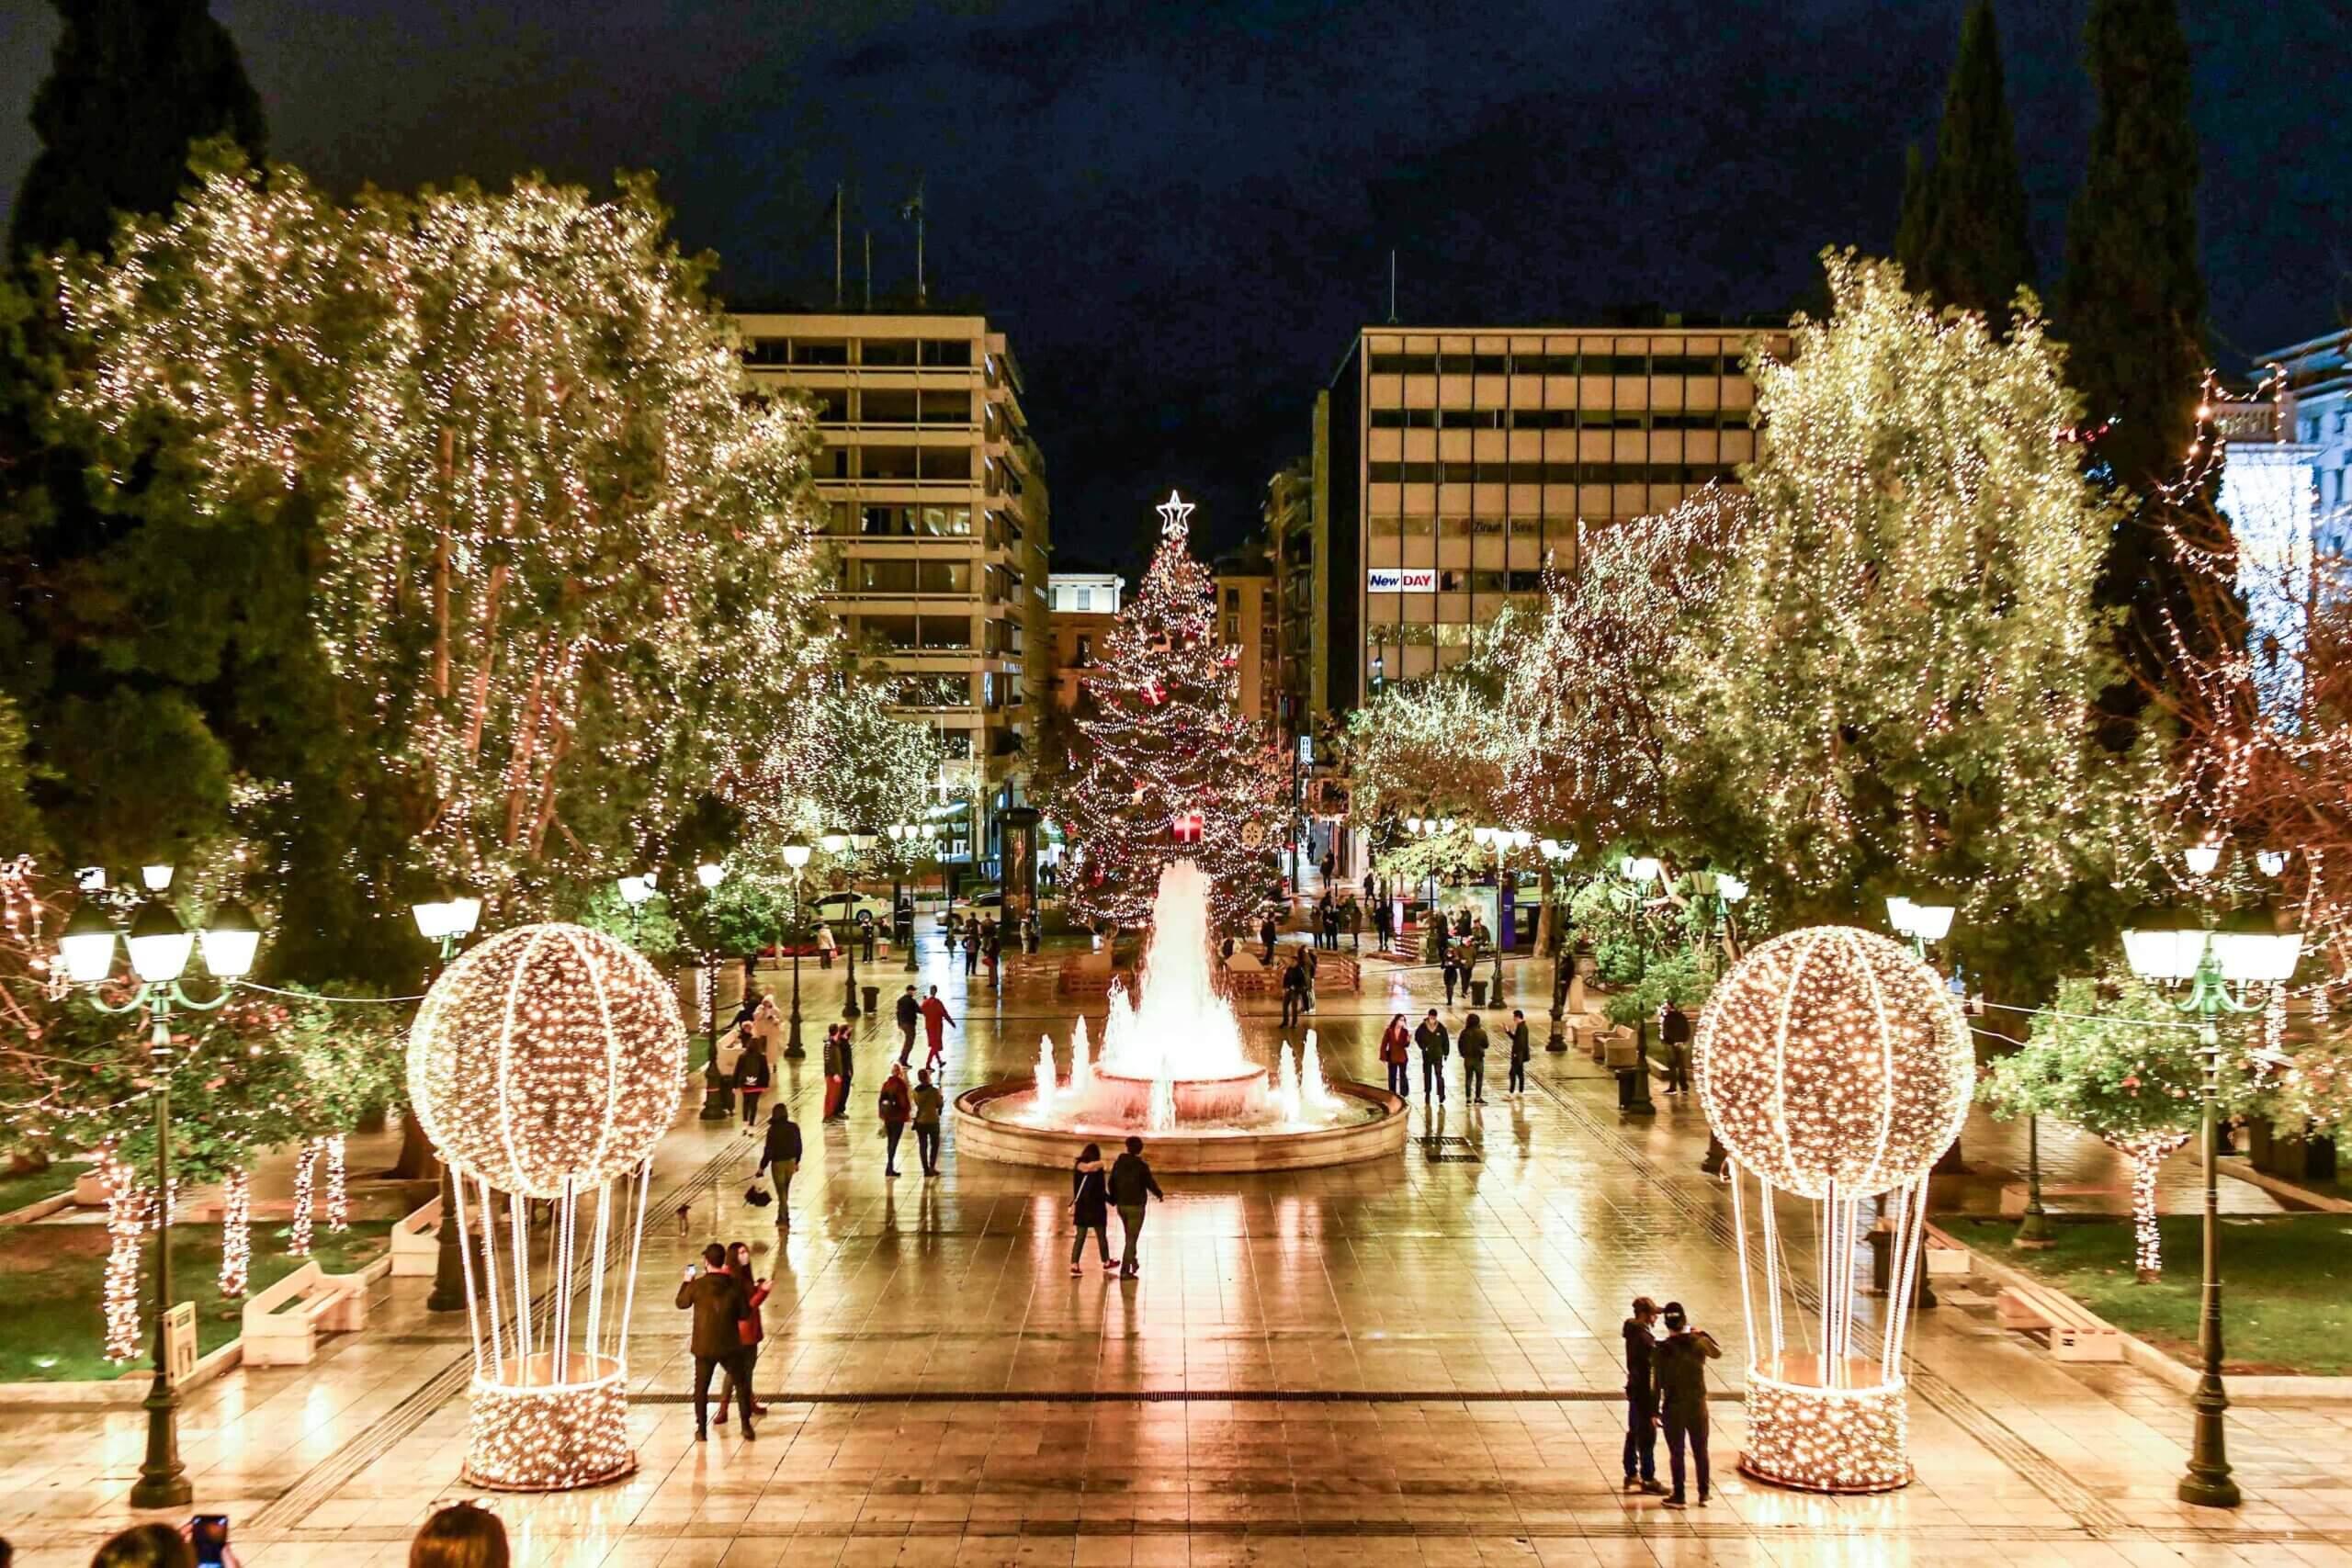 Μια Αθηναϊκή χριστουγεννιάτικη ιστορία (Φώτο + Ταινία) - Ο Δήμος Αθηναίων ανάβει το Χριστουγεννιάτικο δέντρο, αλλιώς...